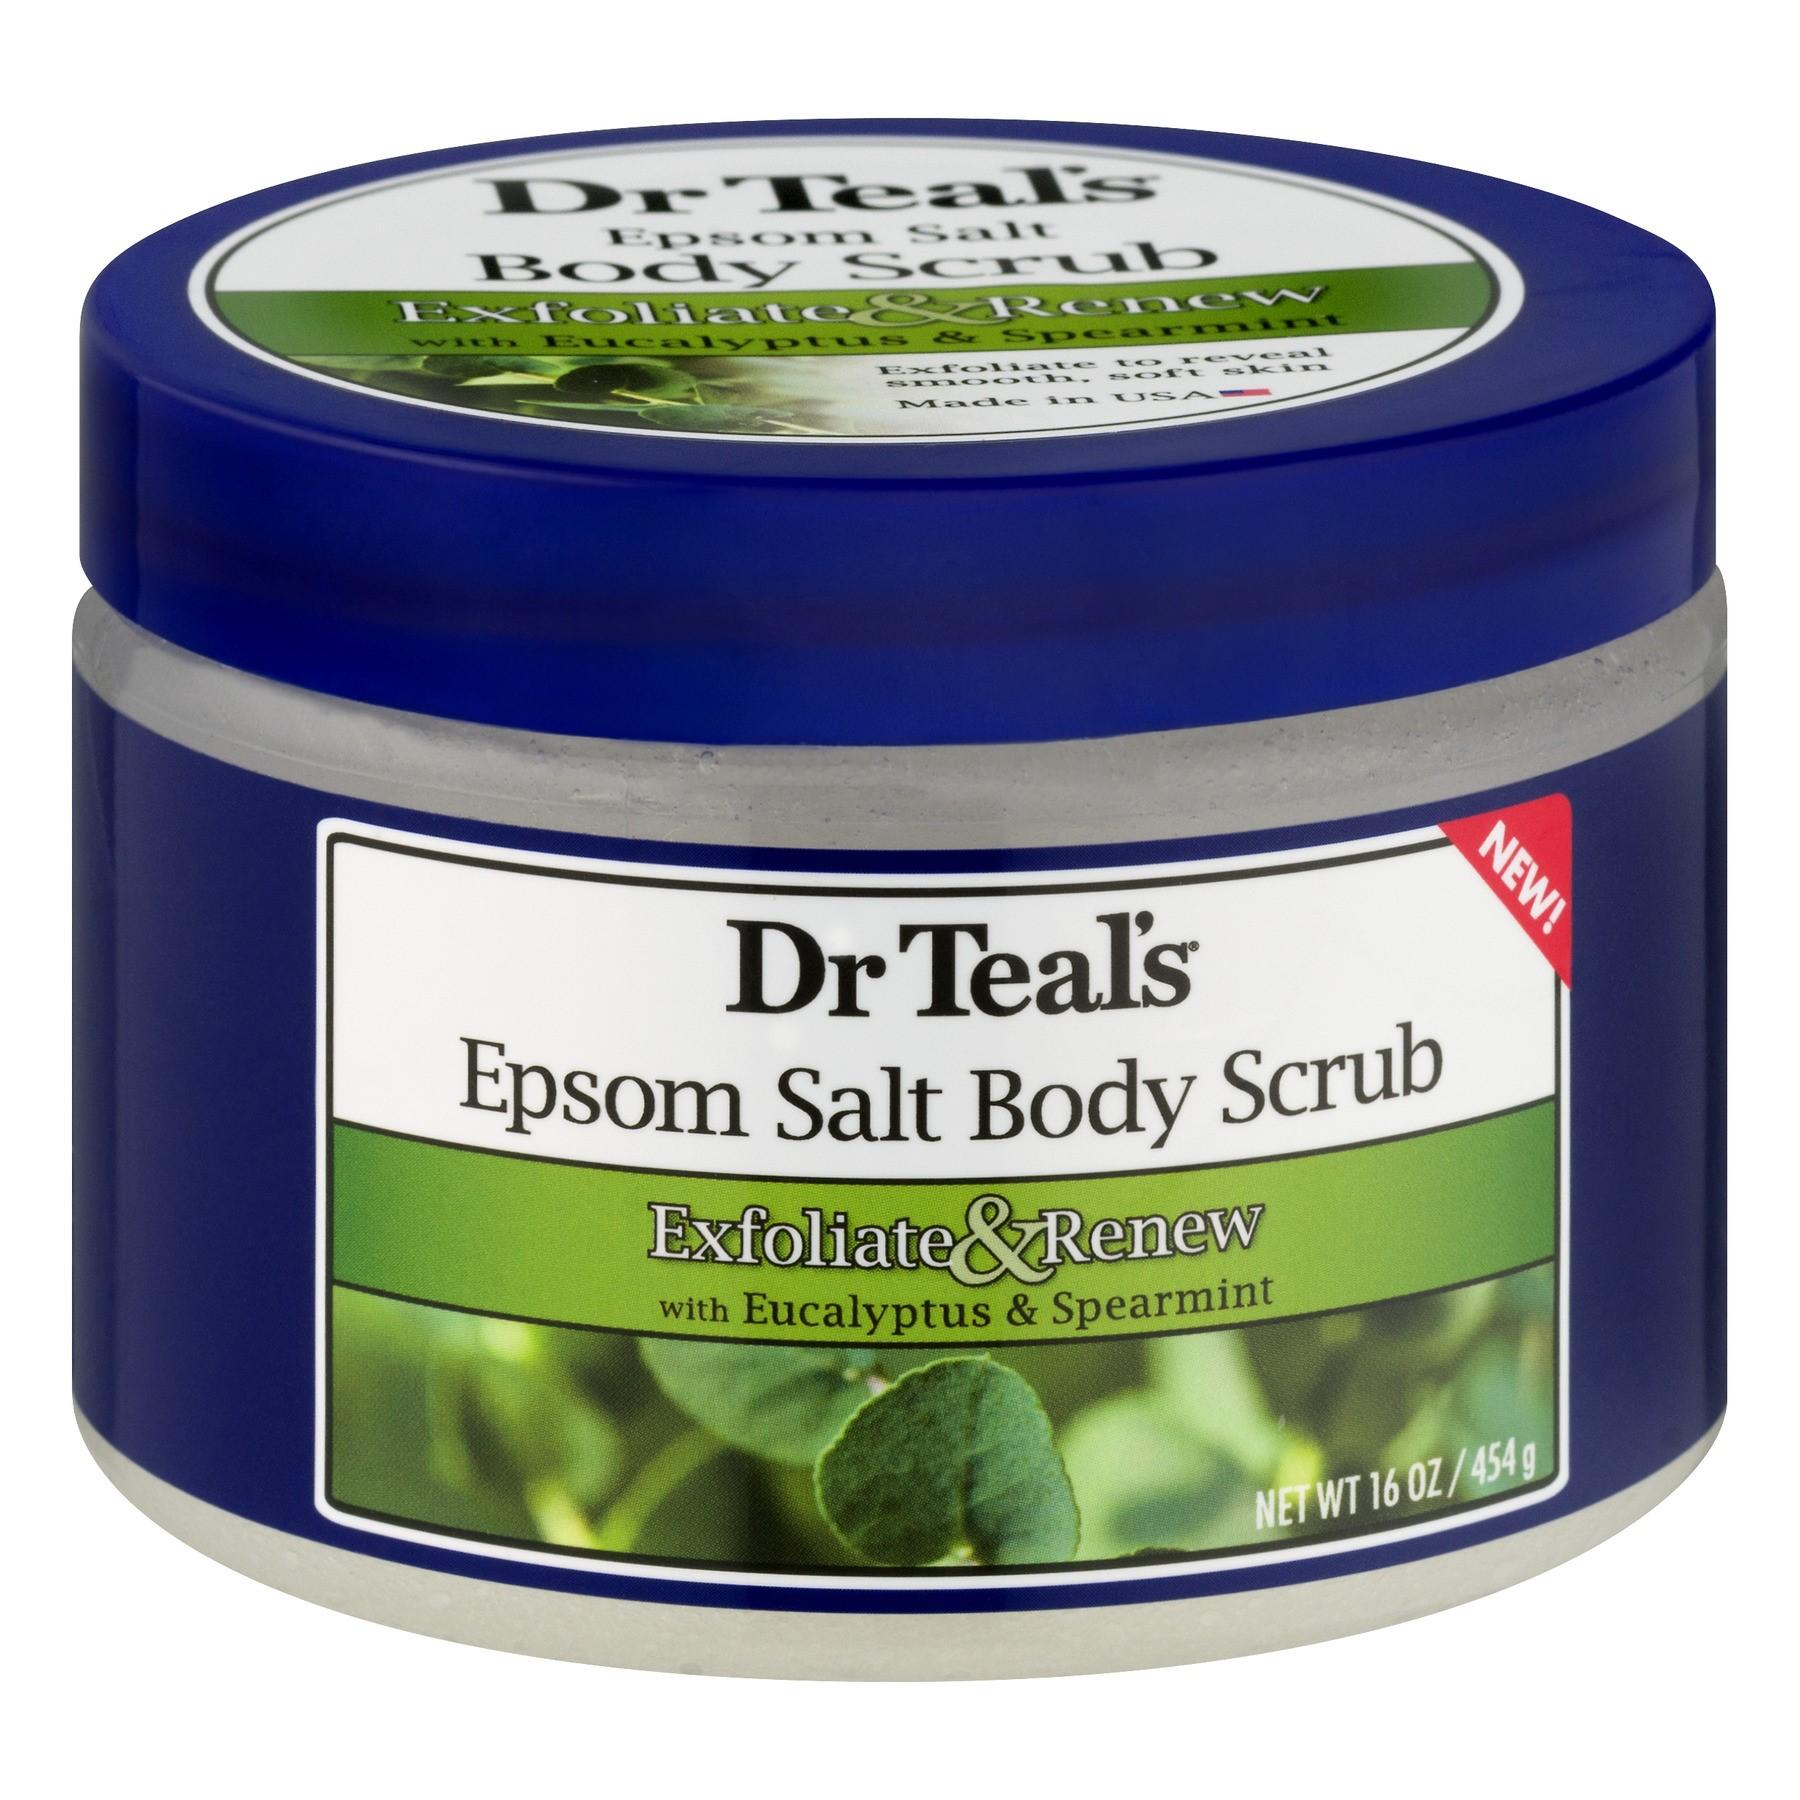 dr teals epsom salt scrub